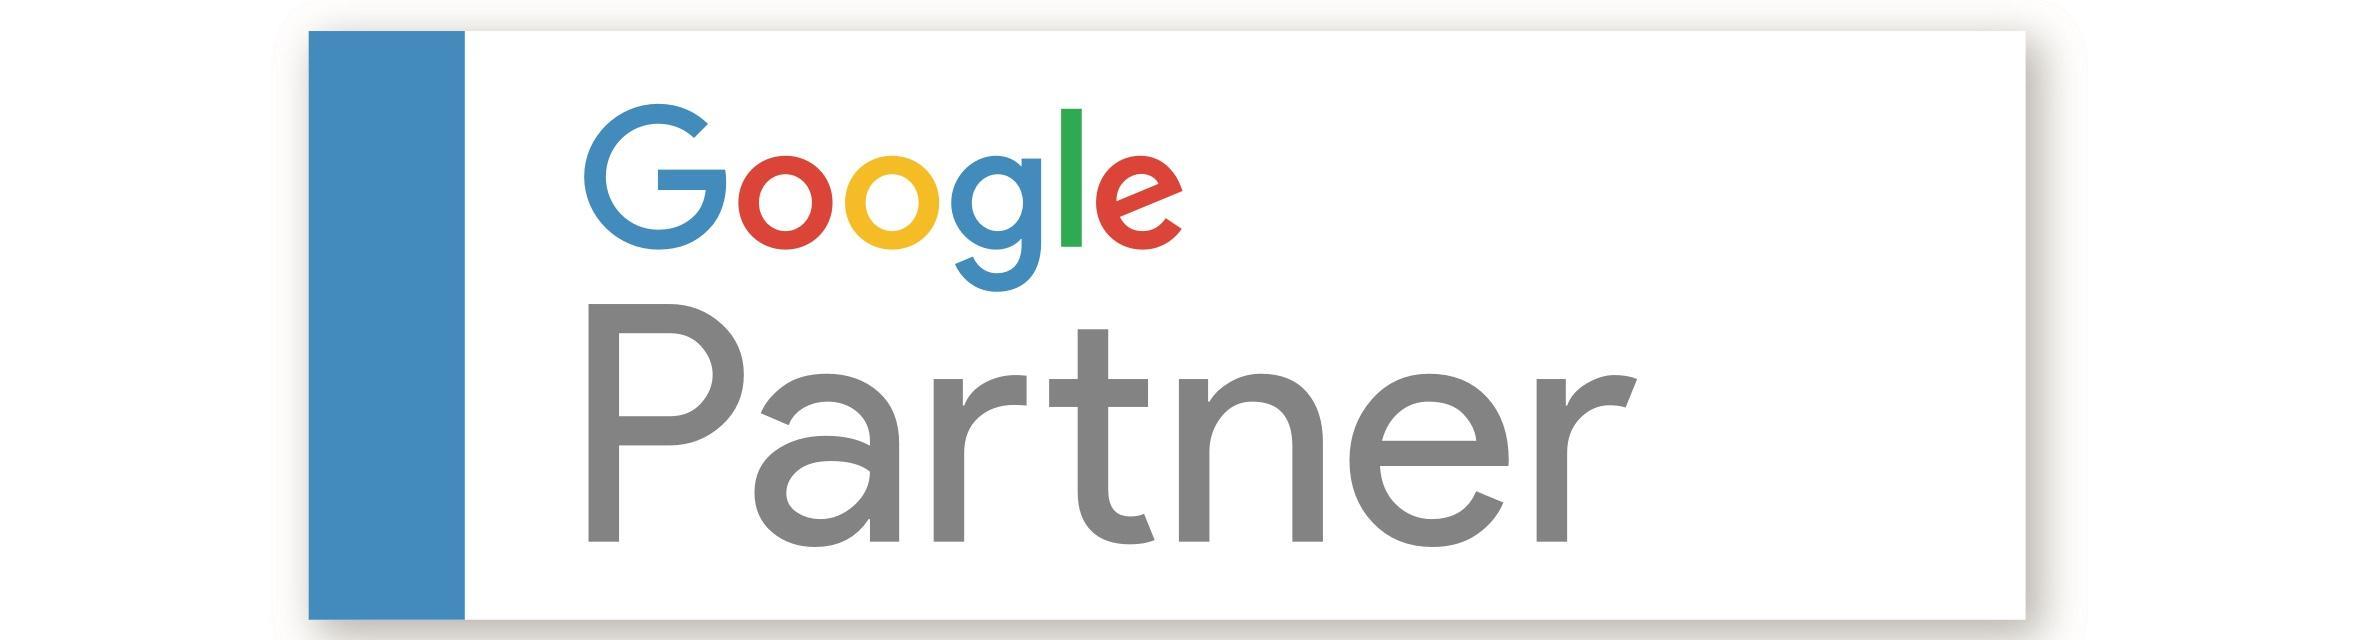 Googe partner.jpg